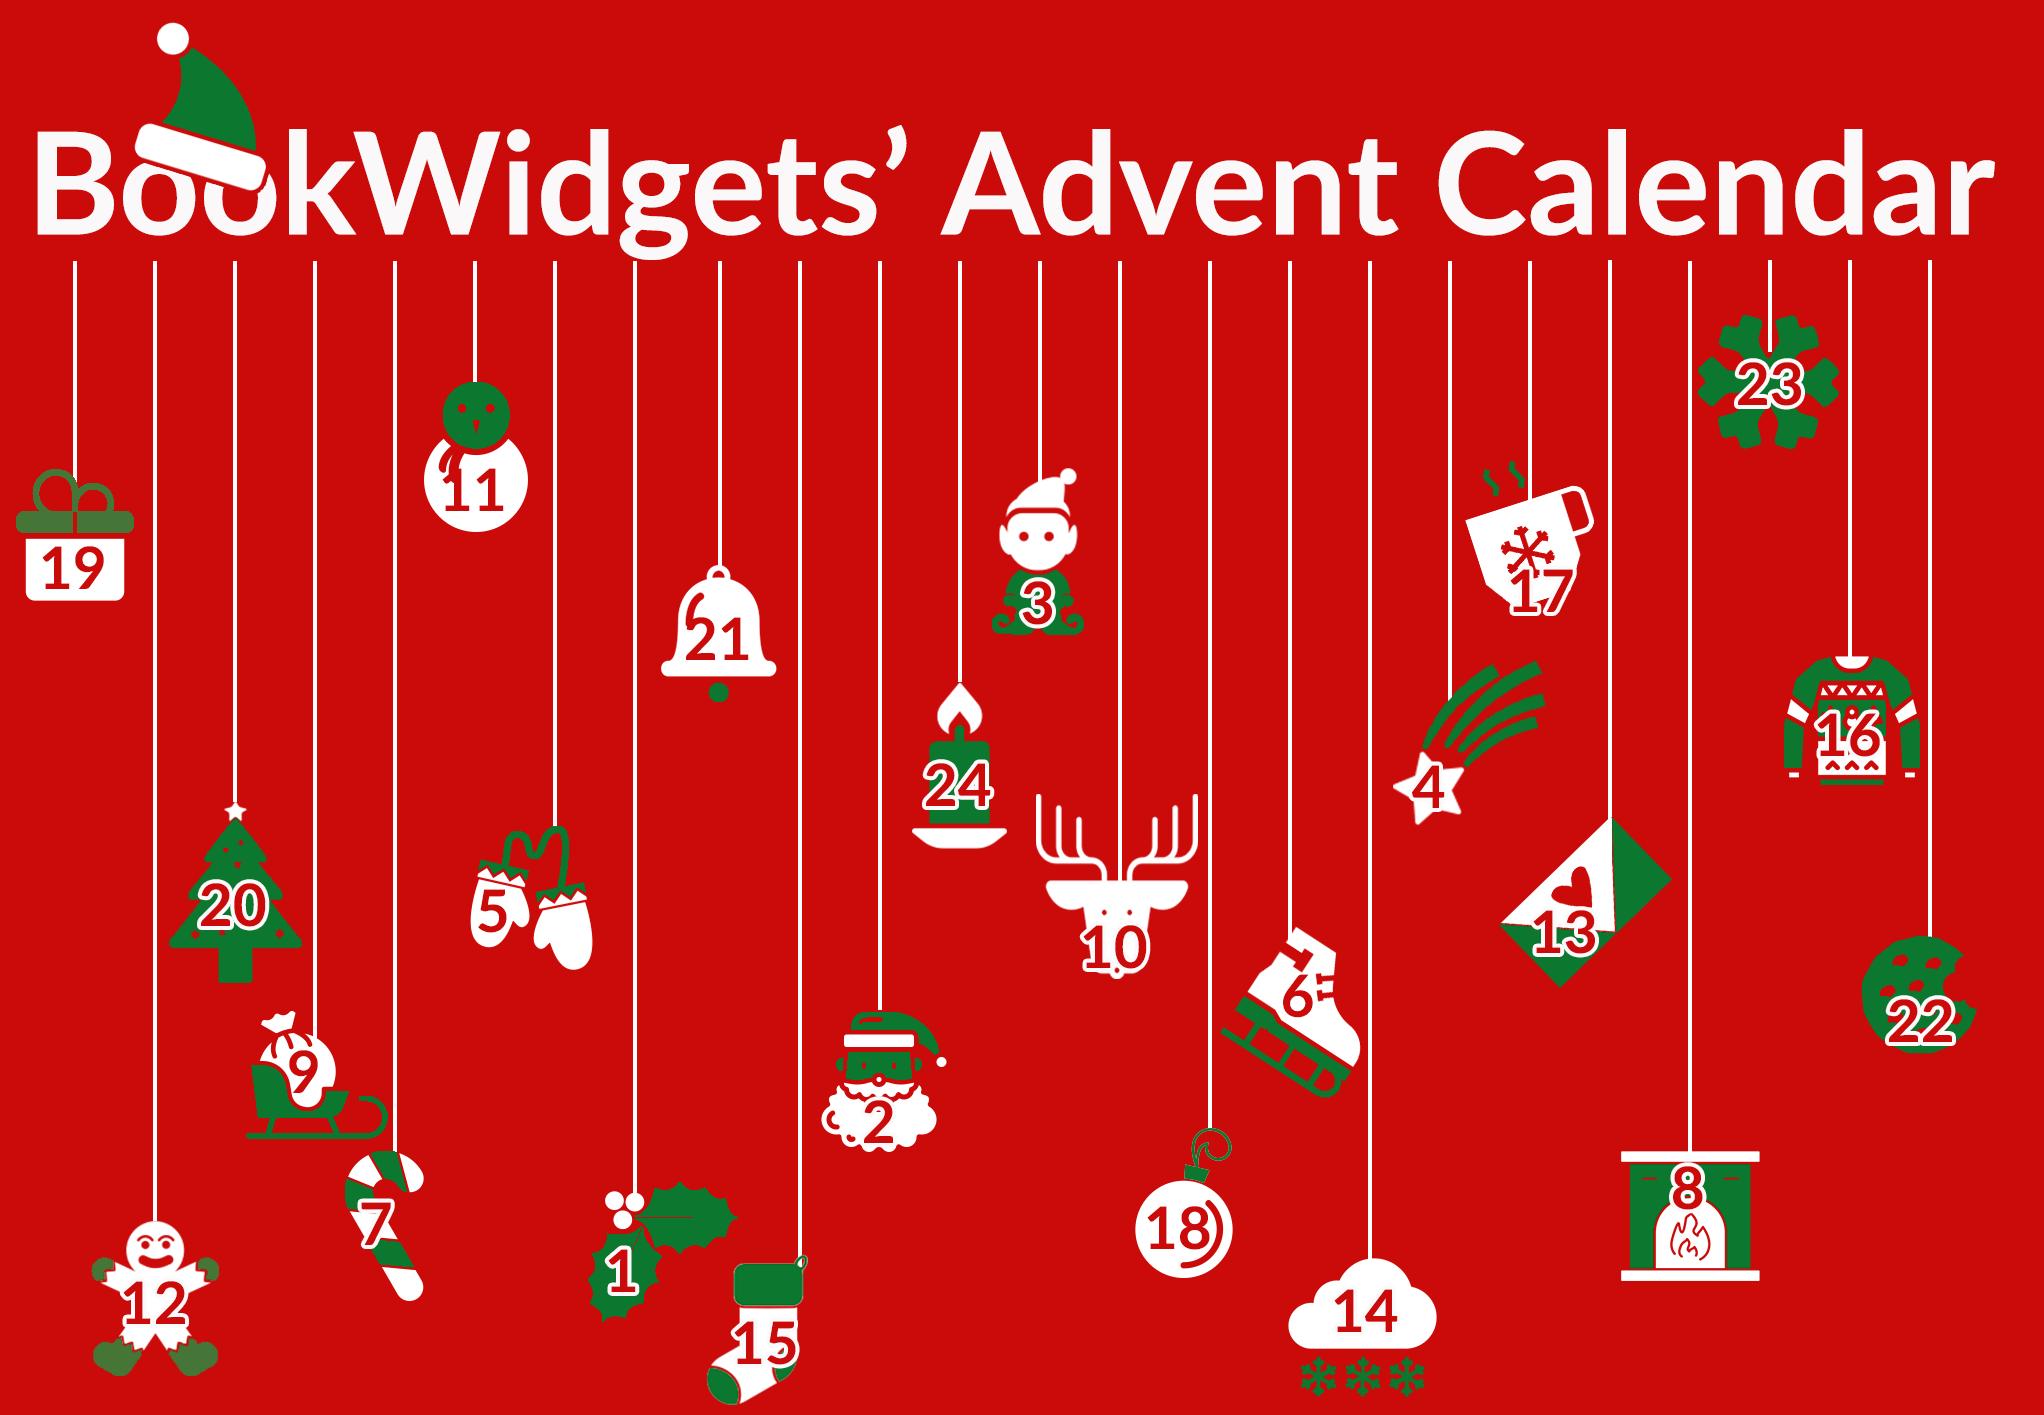 BookWidgets' Classroom Advent calendar